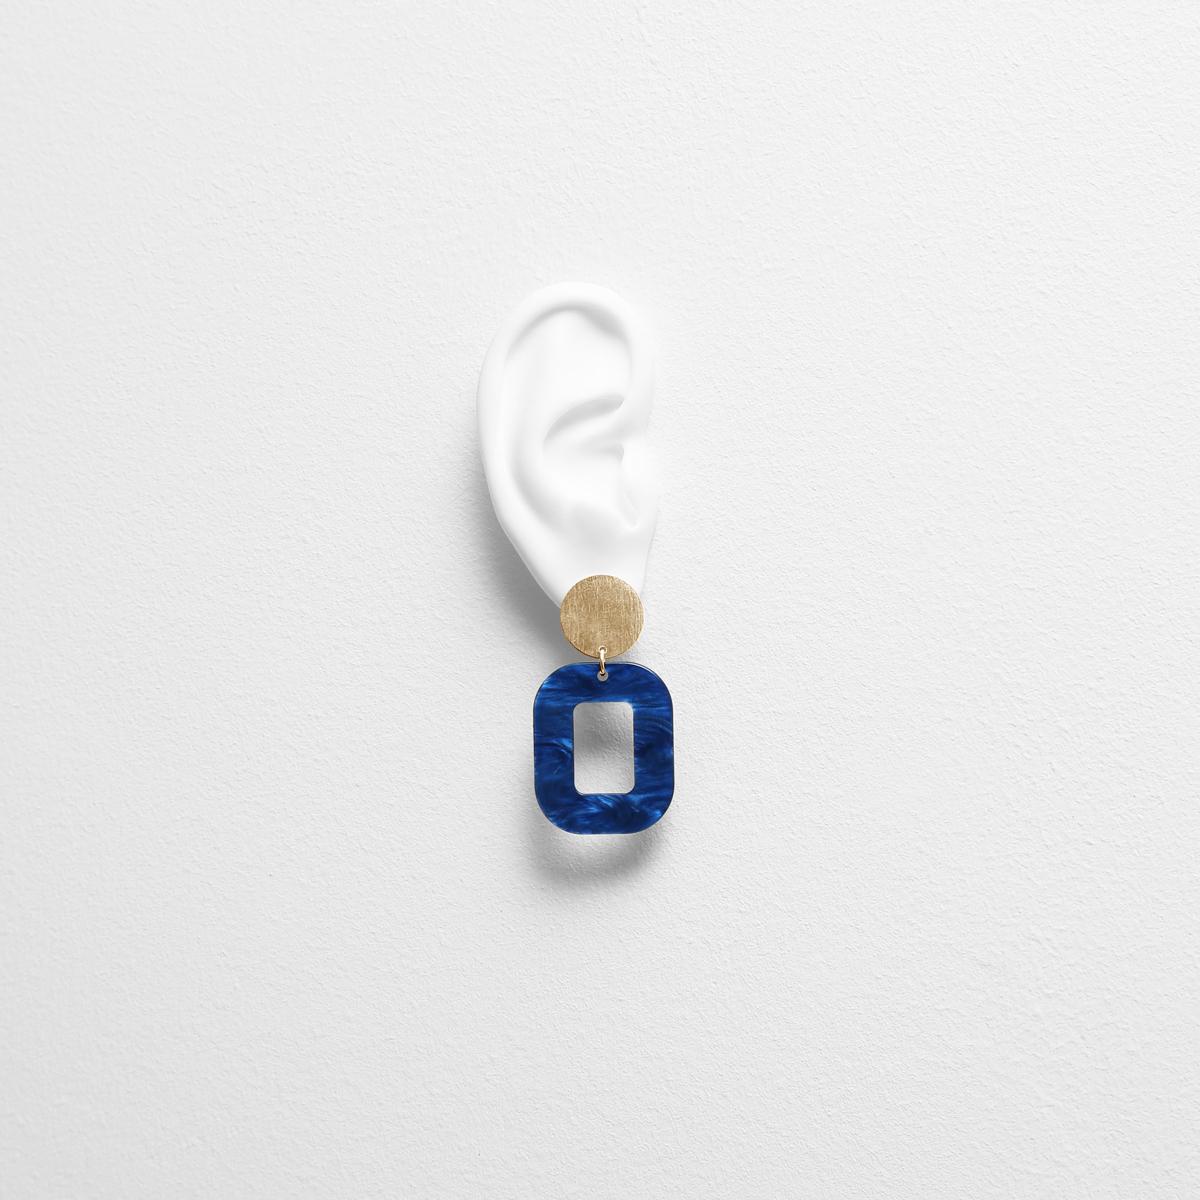 deep-blue-baby-rosa-earrings-try-on-FG.jpg